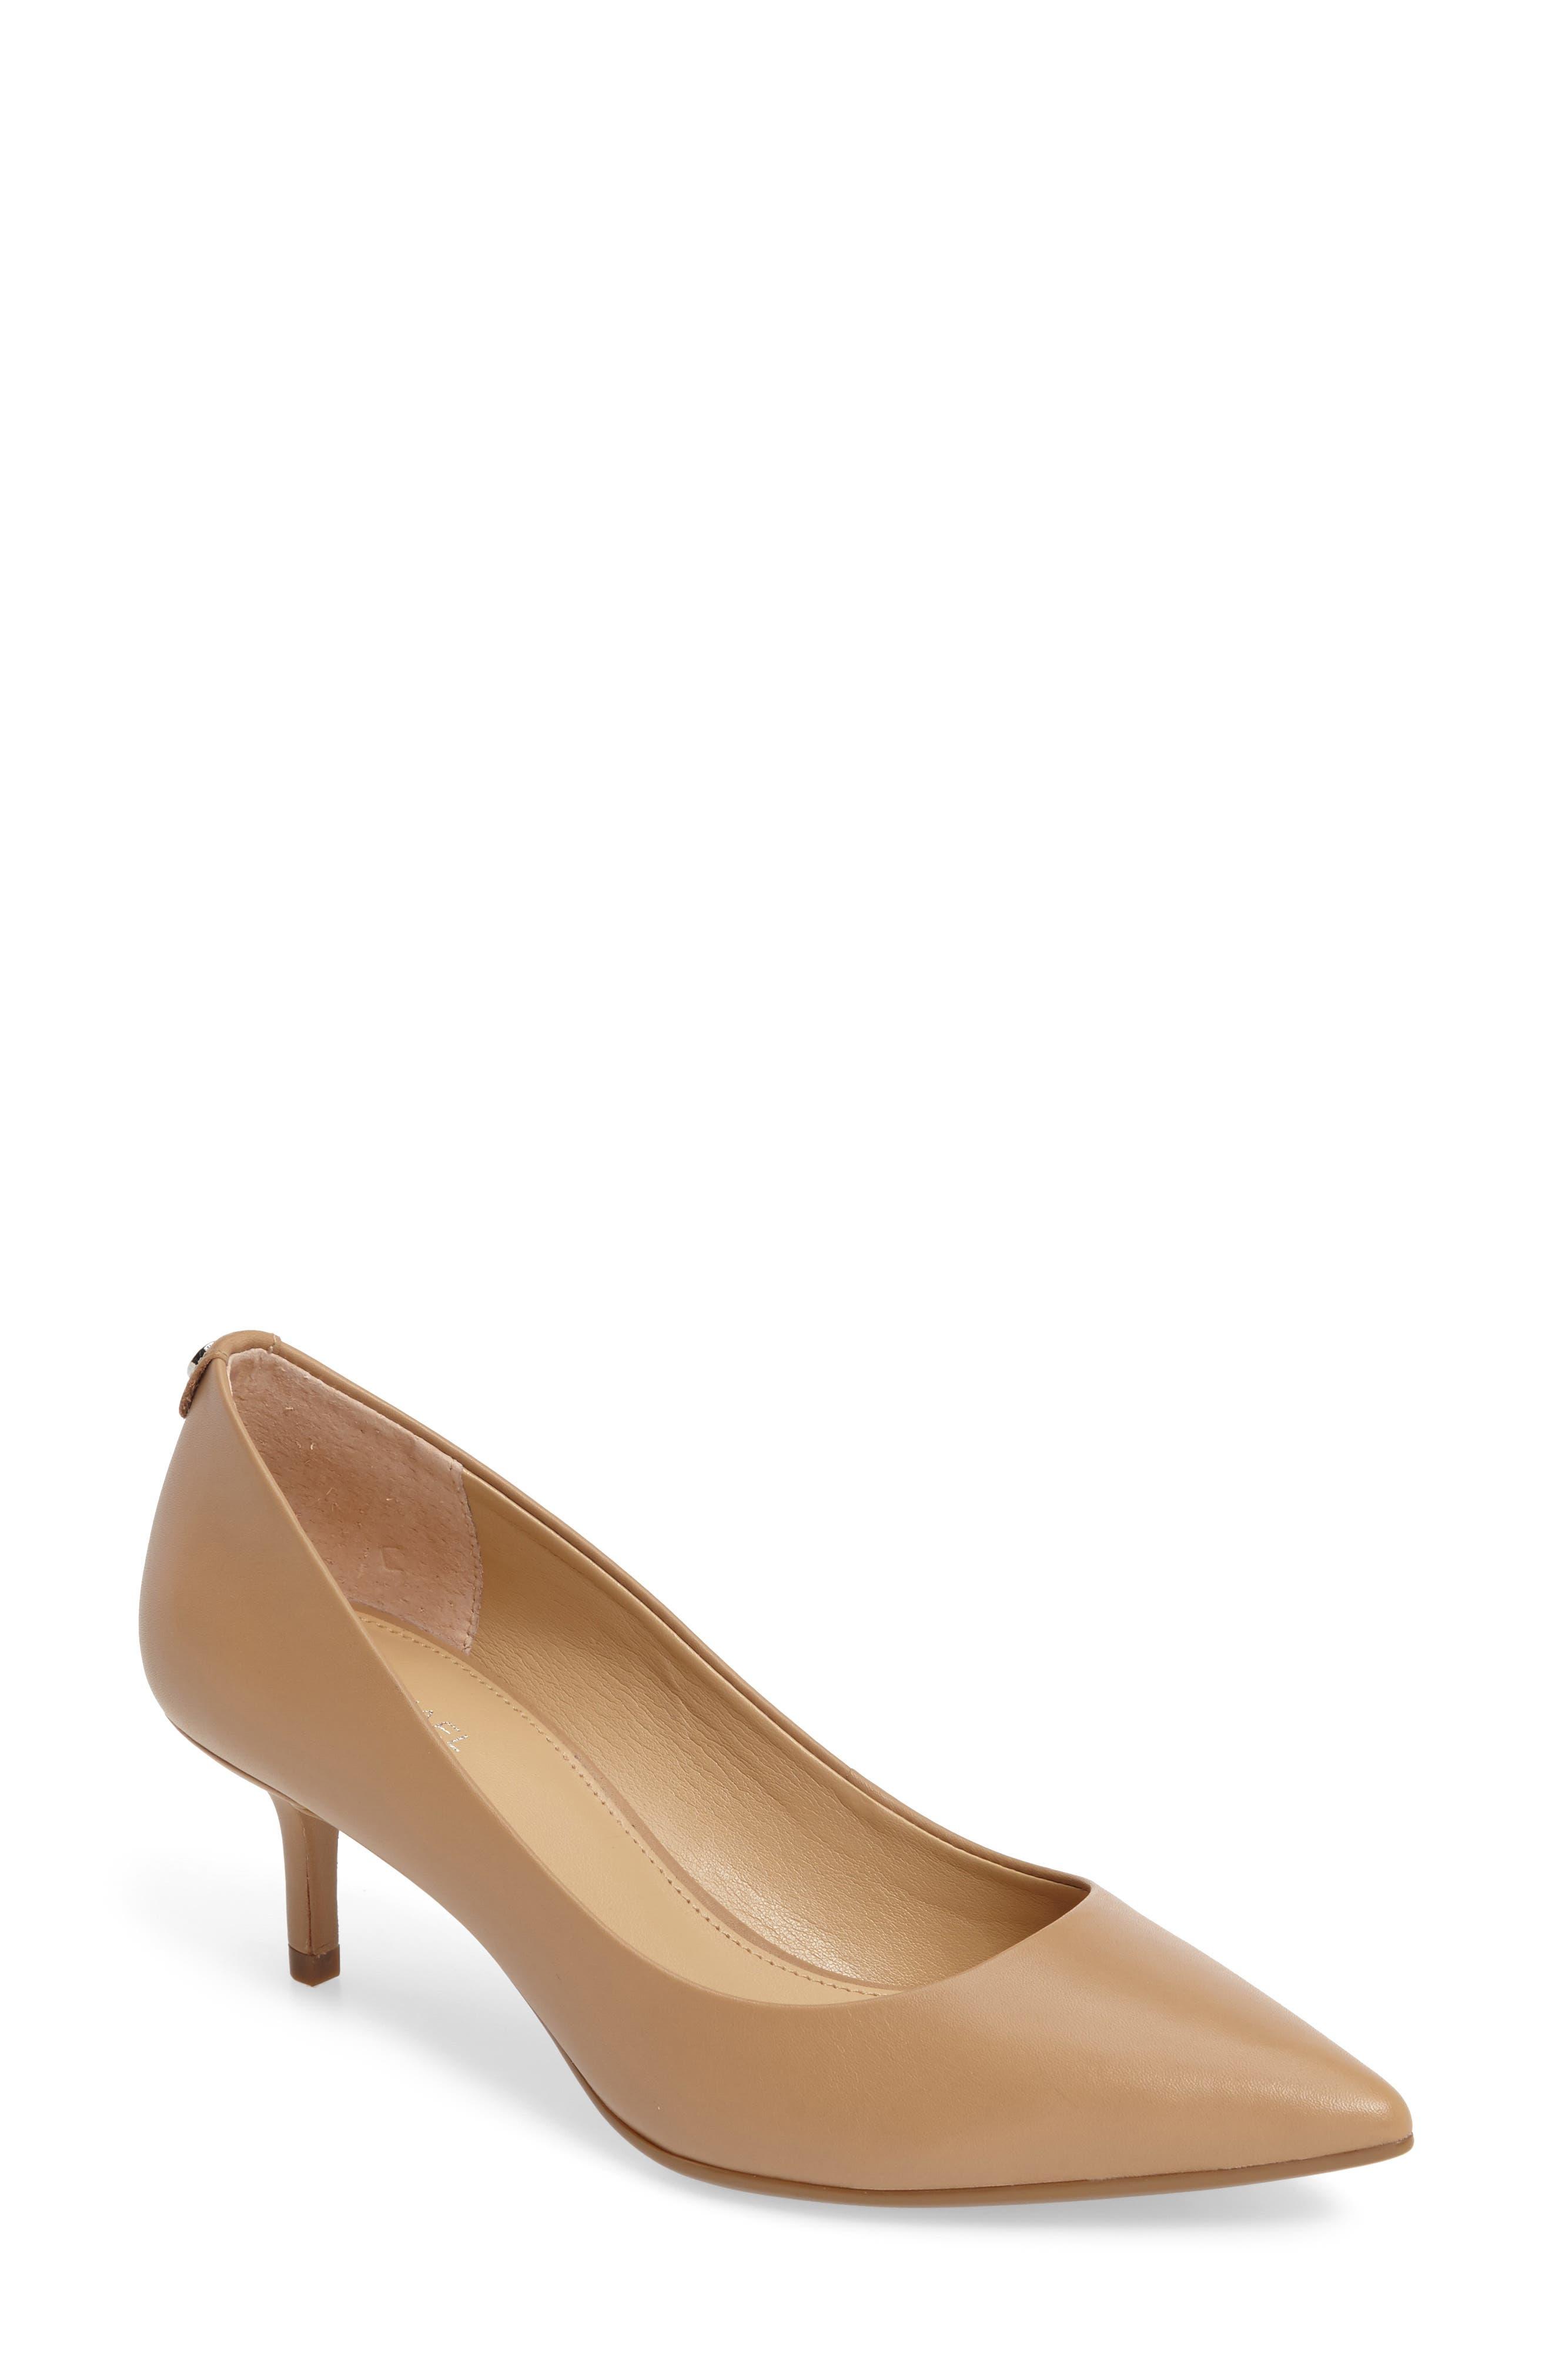 16d279ccf9 kitten heels | Nordstrom